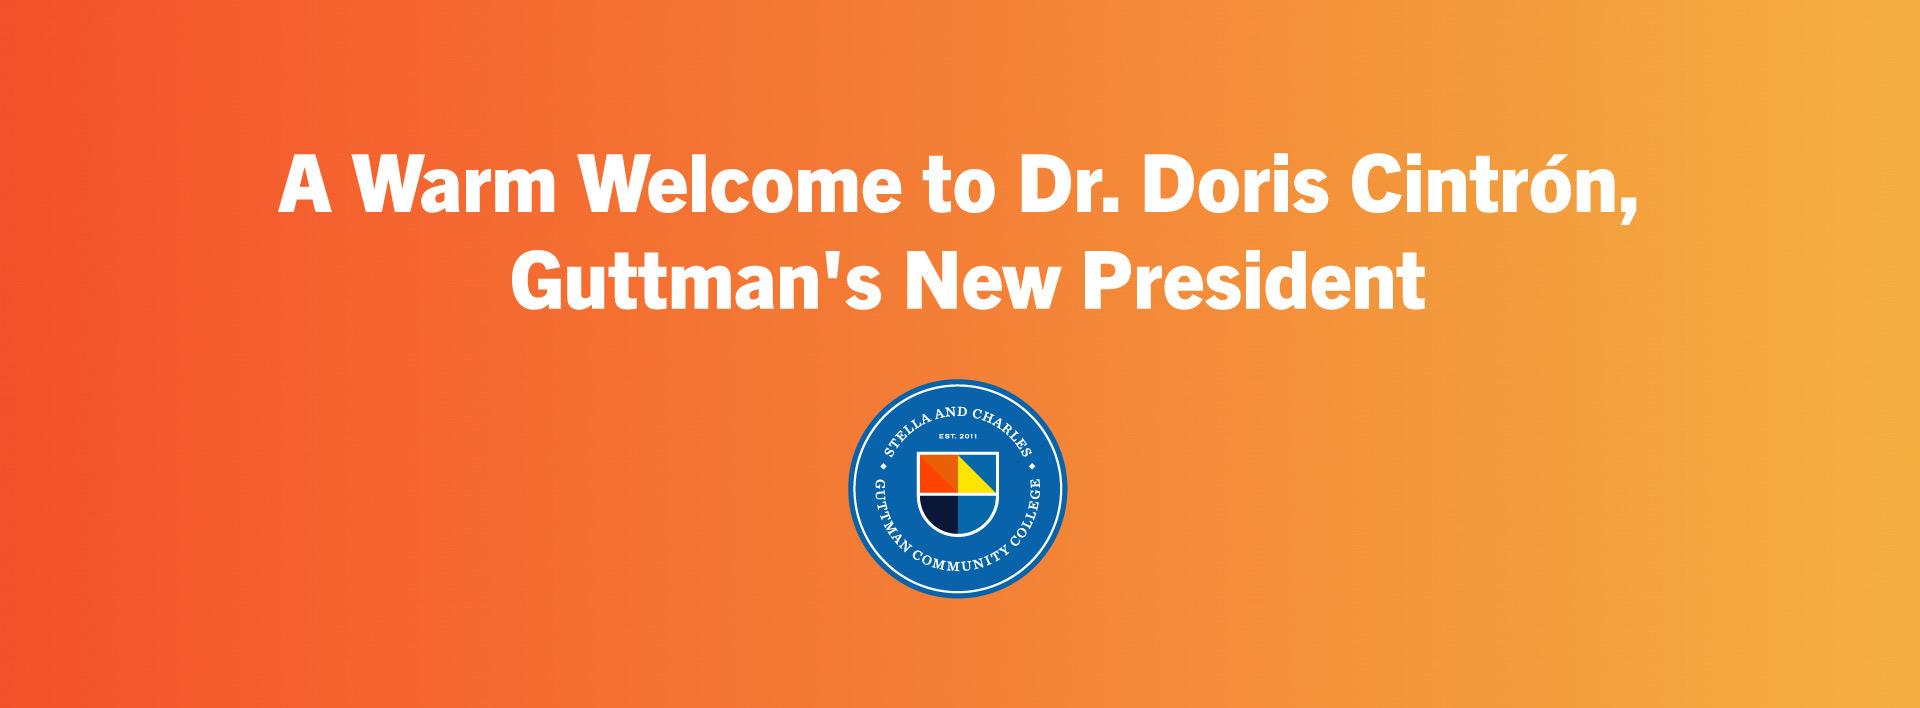 A Warm Welcome to Dr. Doris Cintrón, Guttman's New President